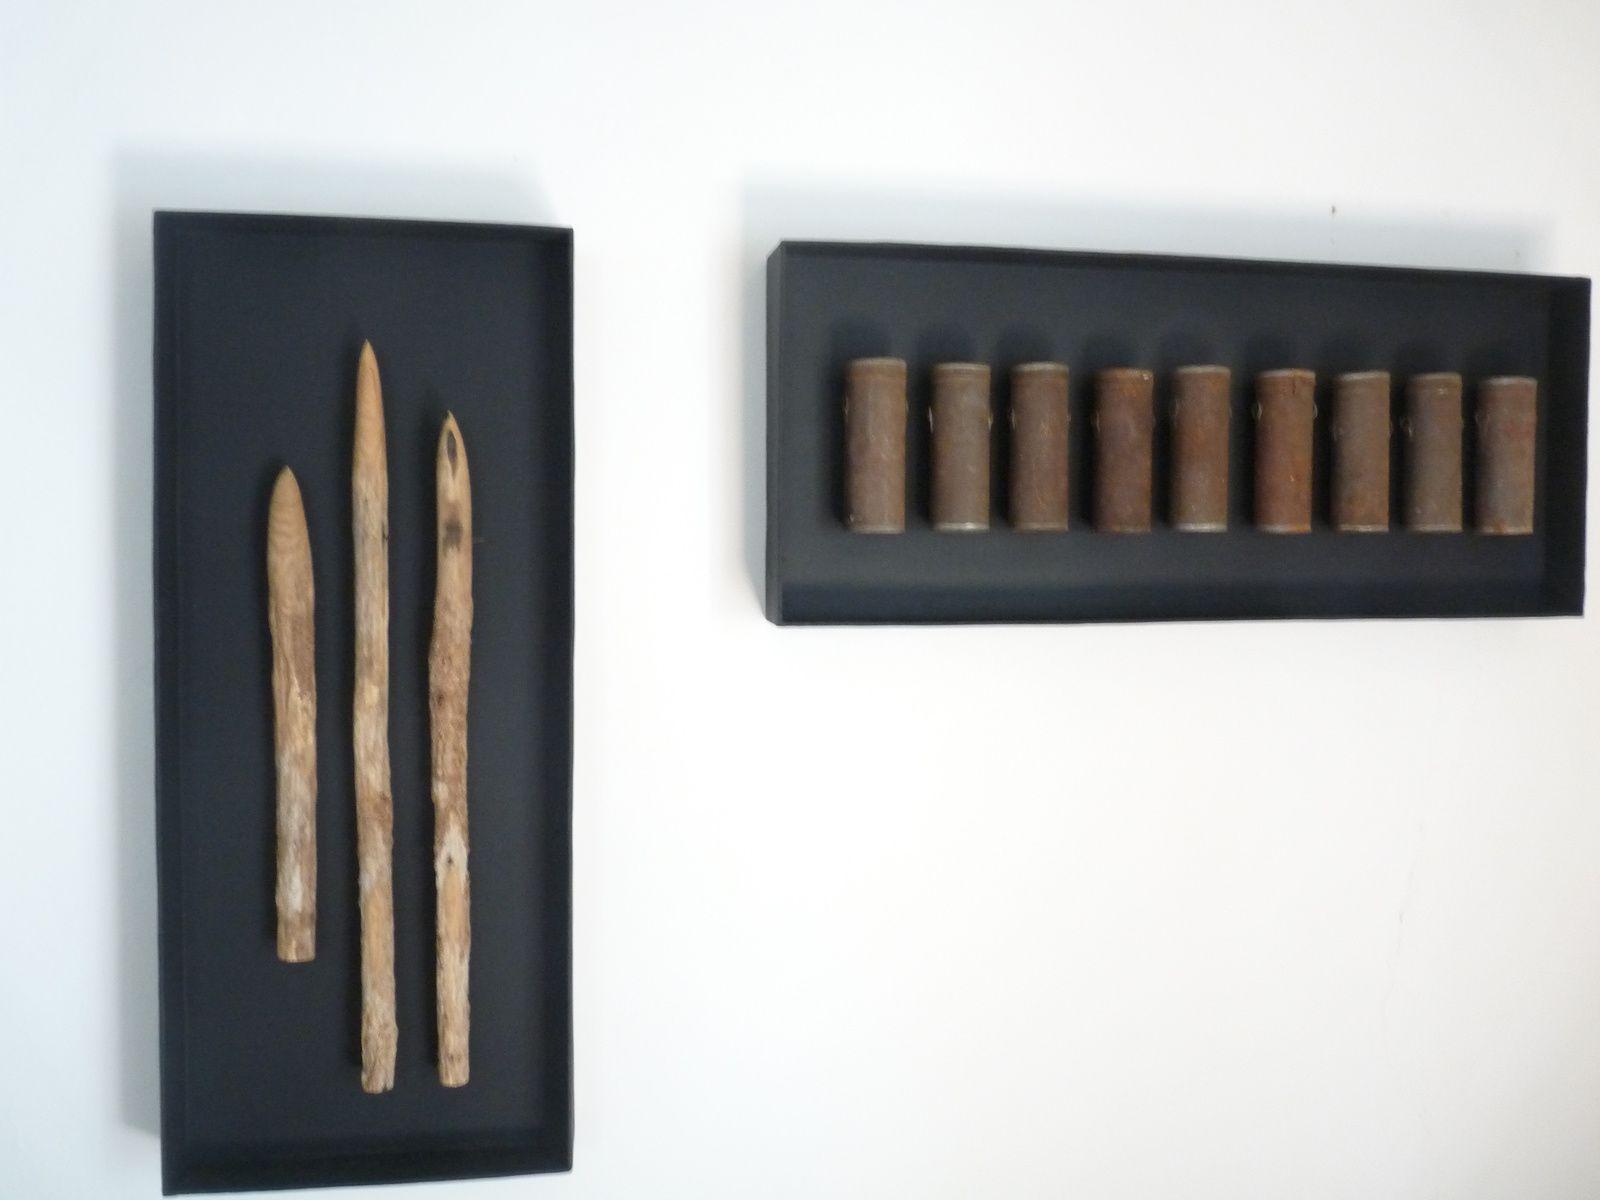 traverser le miroir, pour pénétrer à l'intérieur de  l'oeuvre plastique de Inna Maaimura(photo 1) objets(photo 2)